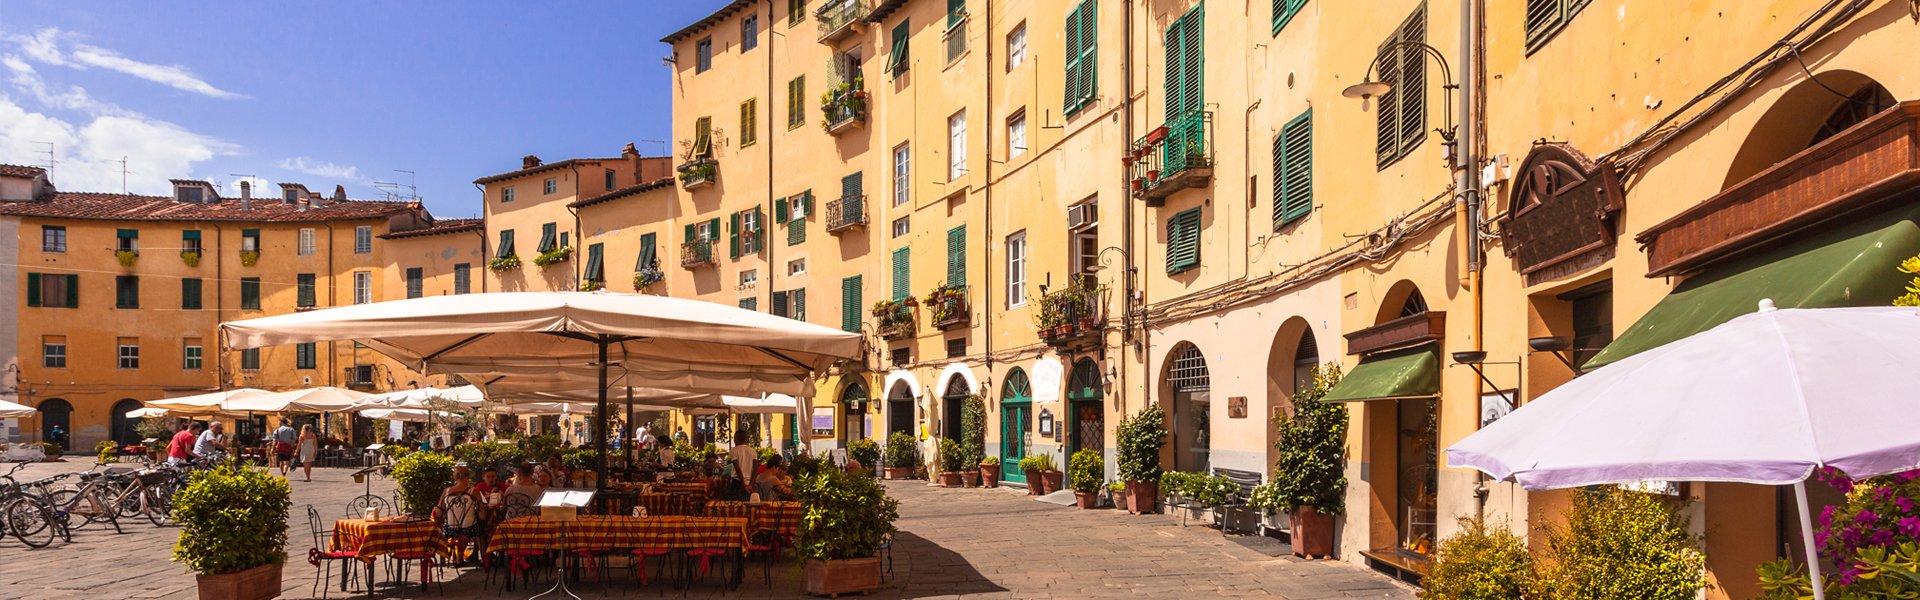 Piazza Anfiteatro in Lucca, Italië